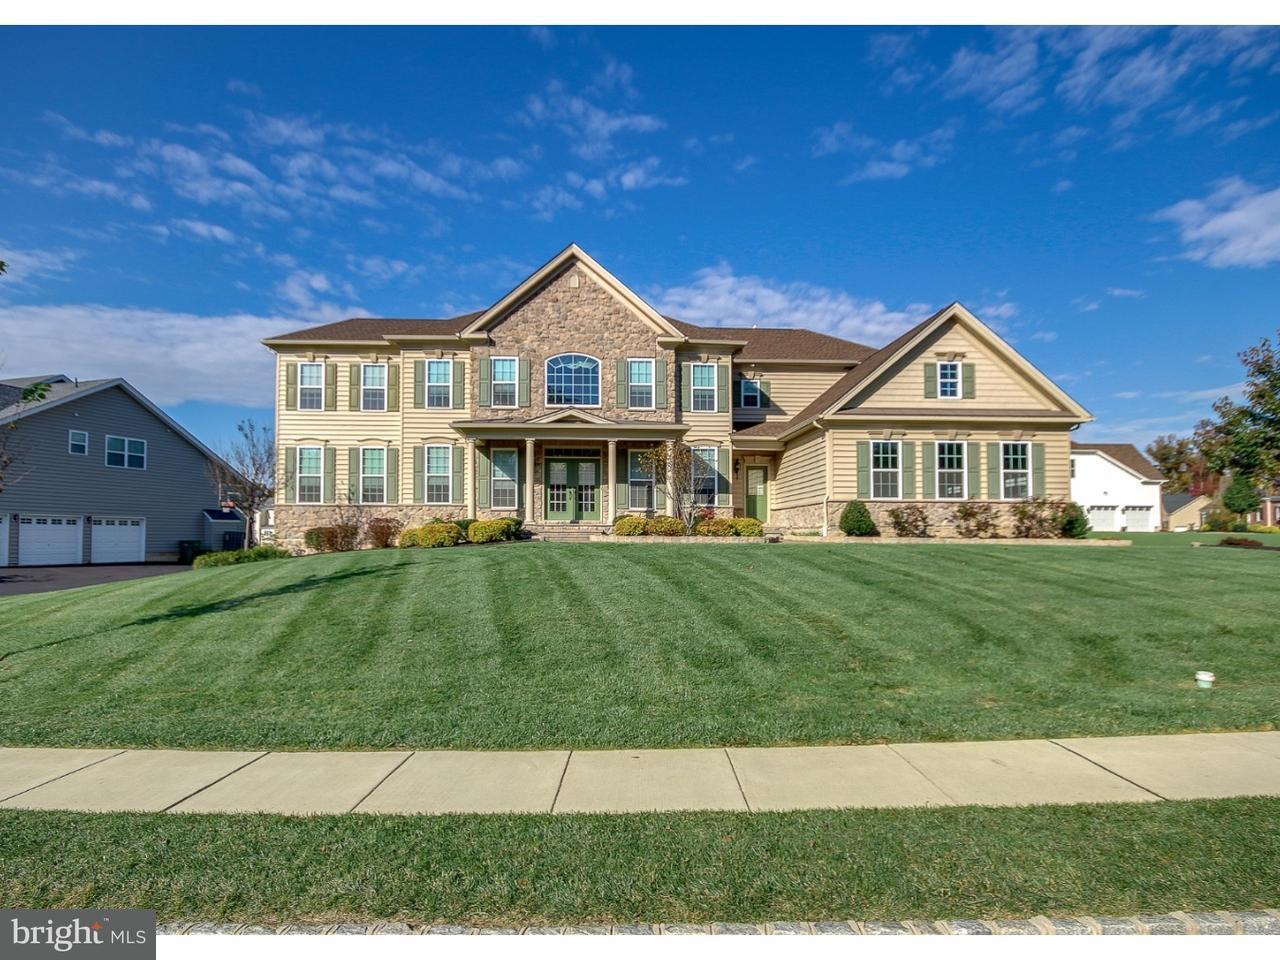 Частный односемейный дом для того Продажа на 710 RUSSELLS WAY Warrington, Пенсильвания 18976 Соединенные Штаты